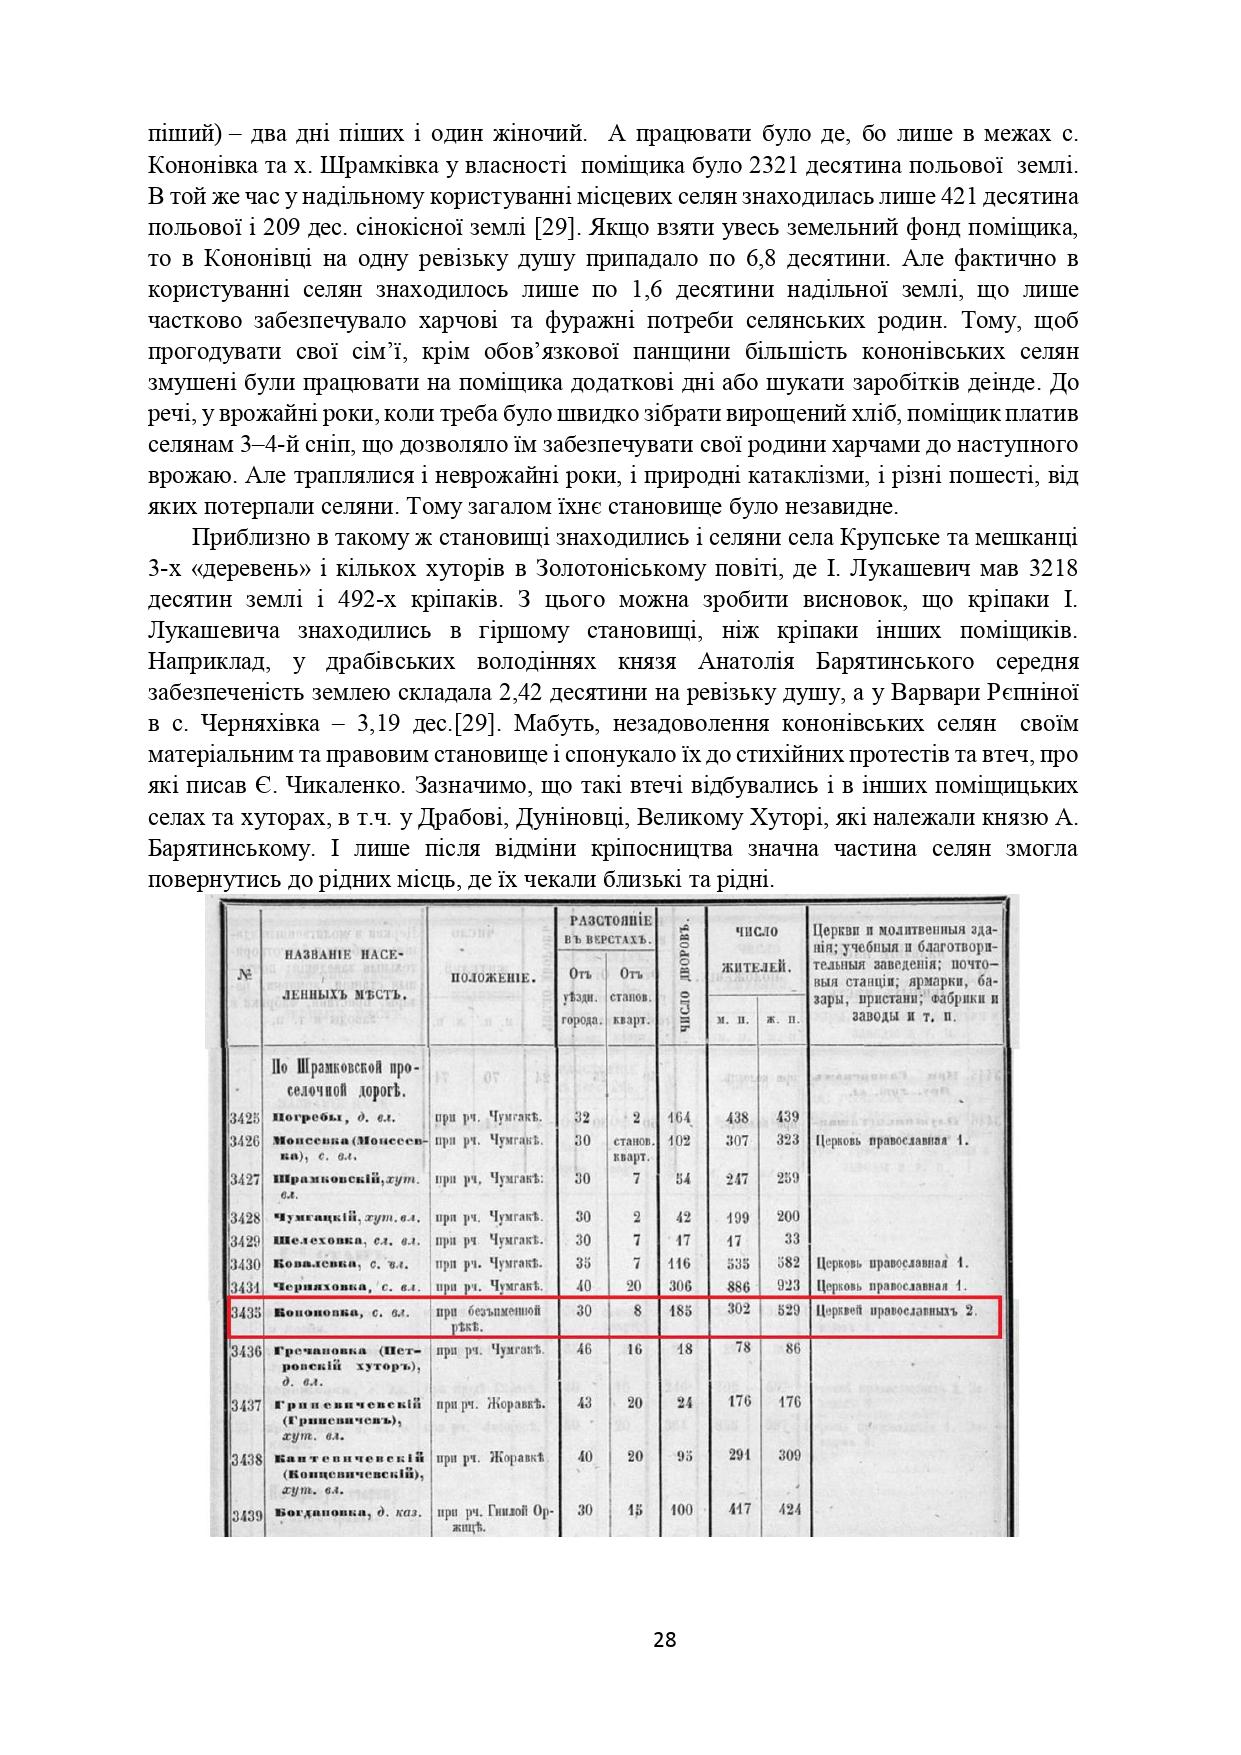 ІСТОРІЯ СЕЛА КОНОНІВКА 2021 (1)_page-0028